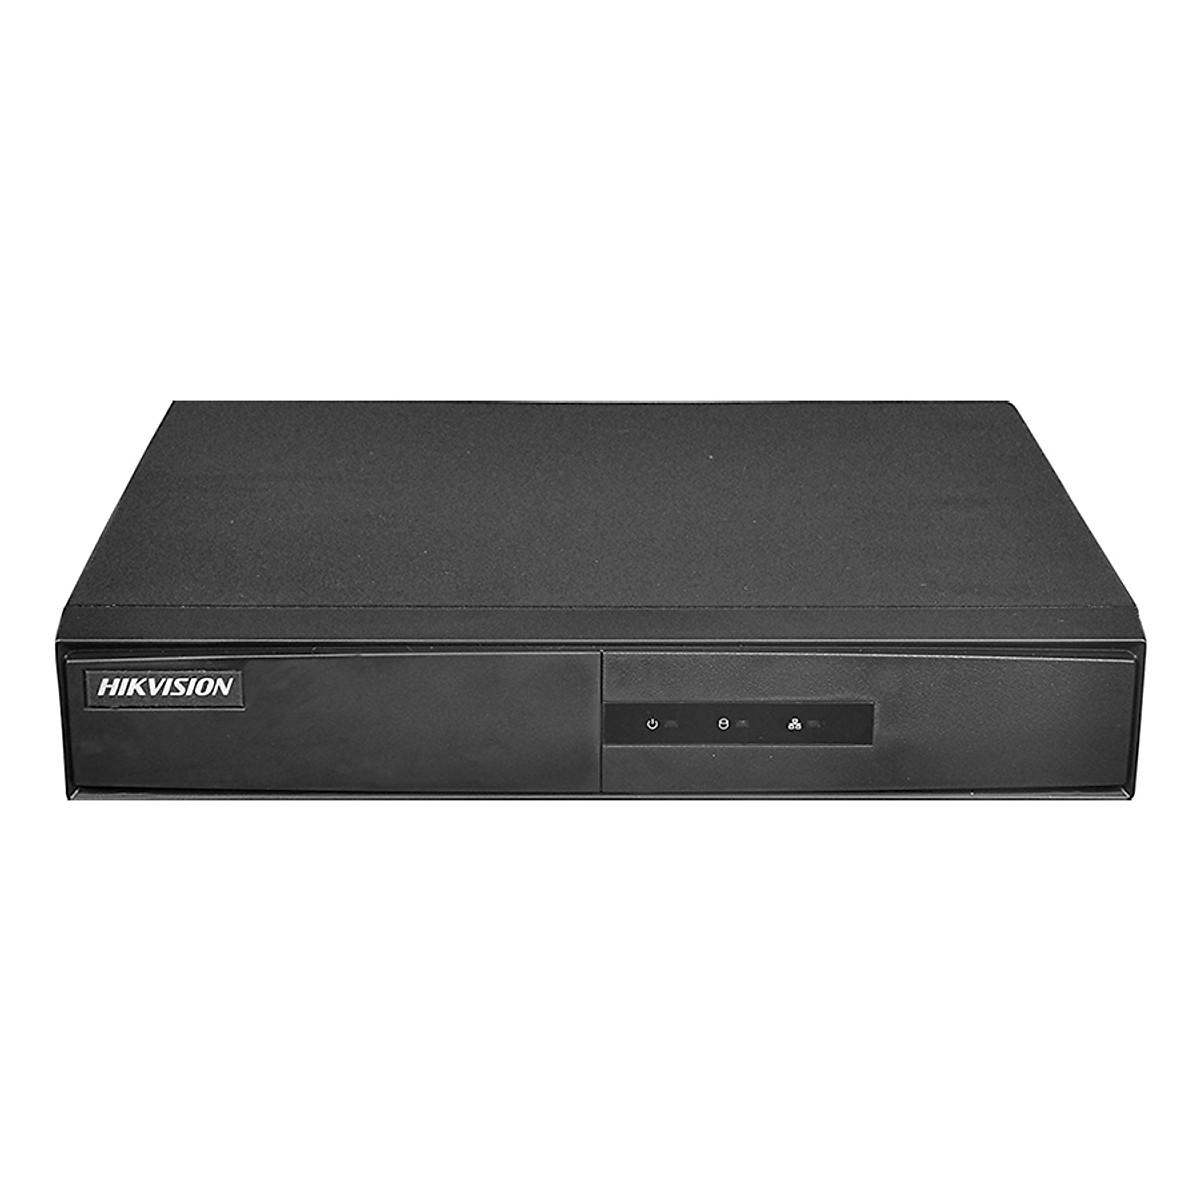 Đầu Ghi Hình HD-TVI 4 Kênh Turbo HD 3.0 Hikvision DVR DS-7204HGHI-F1 – Hàng Nhập Khẩu